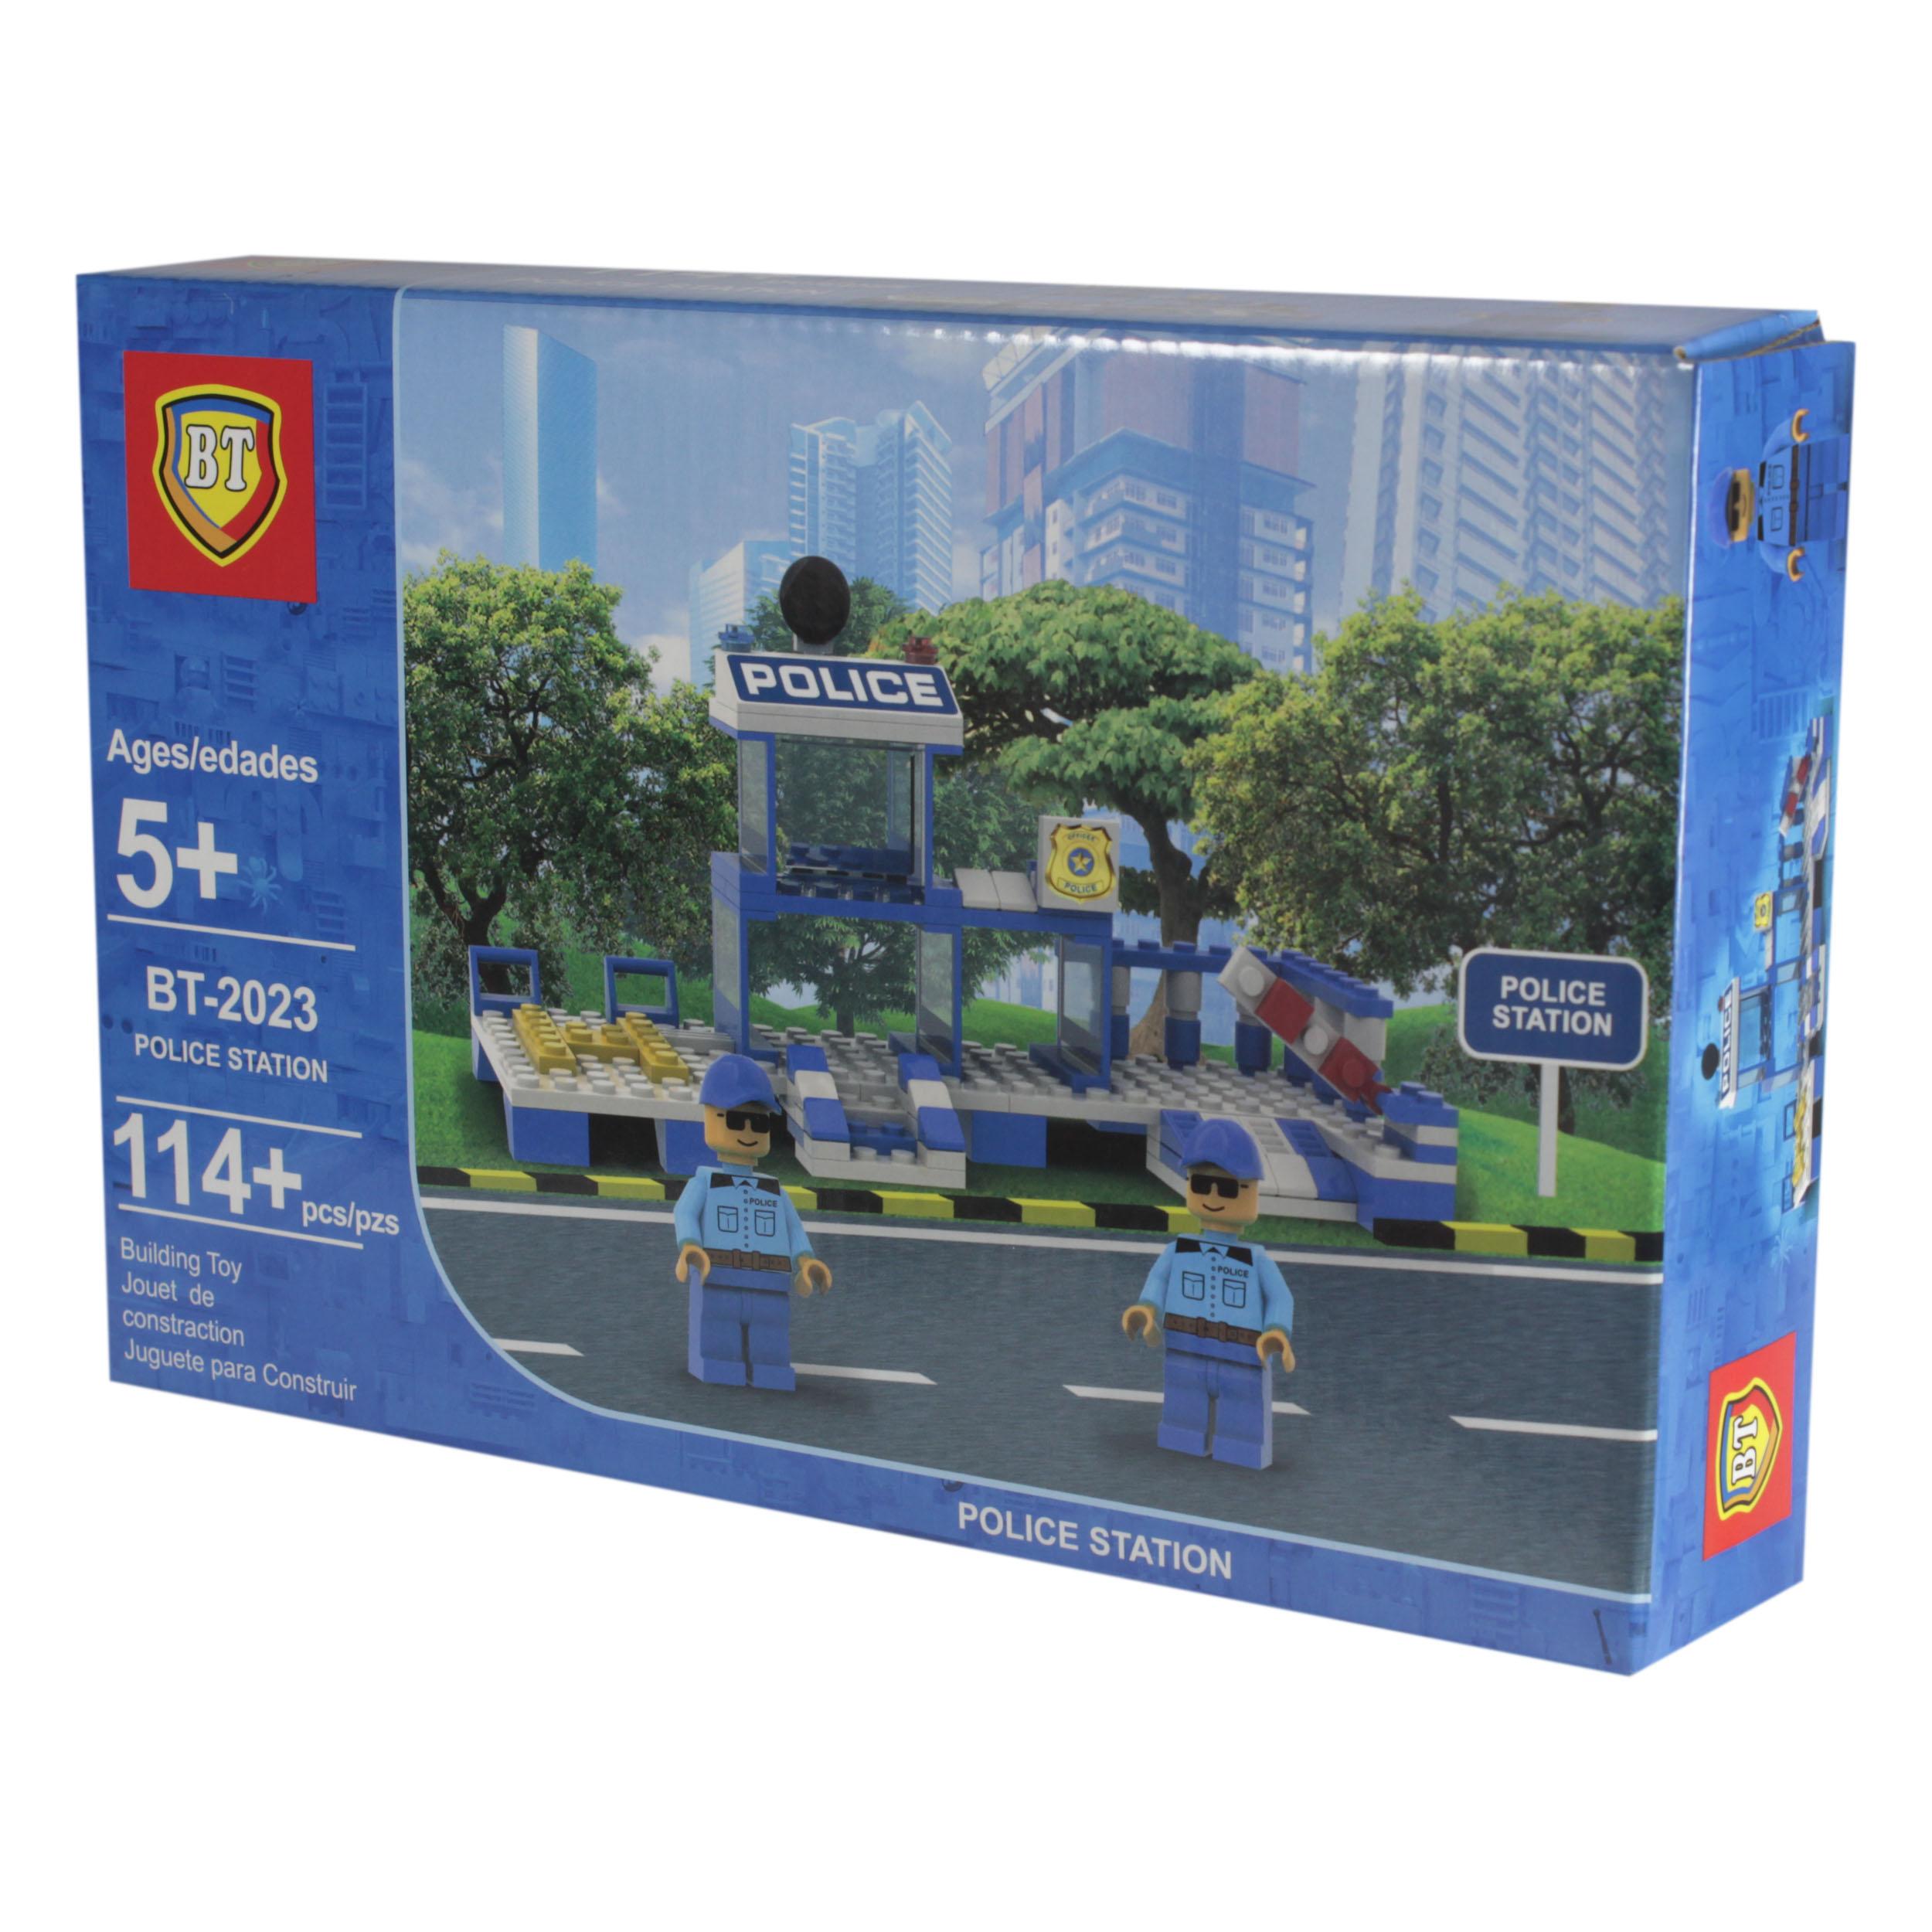 ساختنی مدل ایستگاه پلیس کد 0021